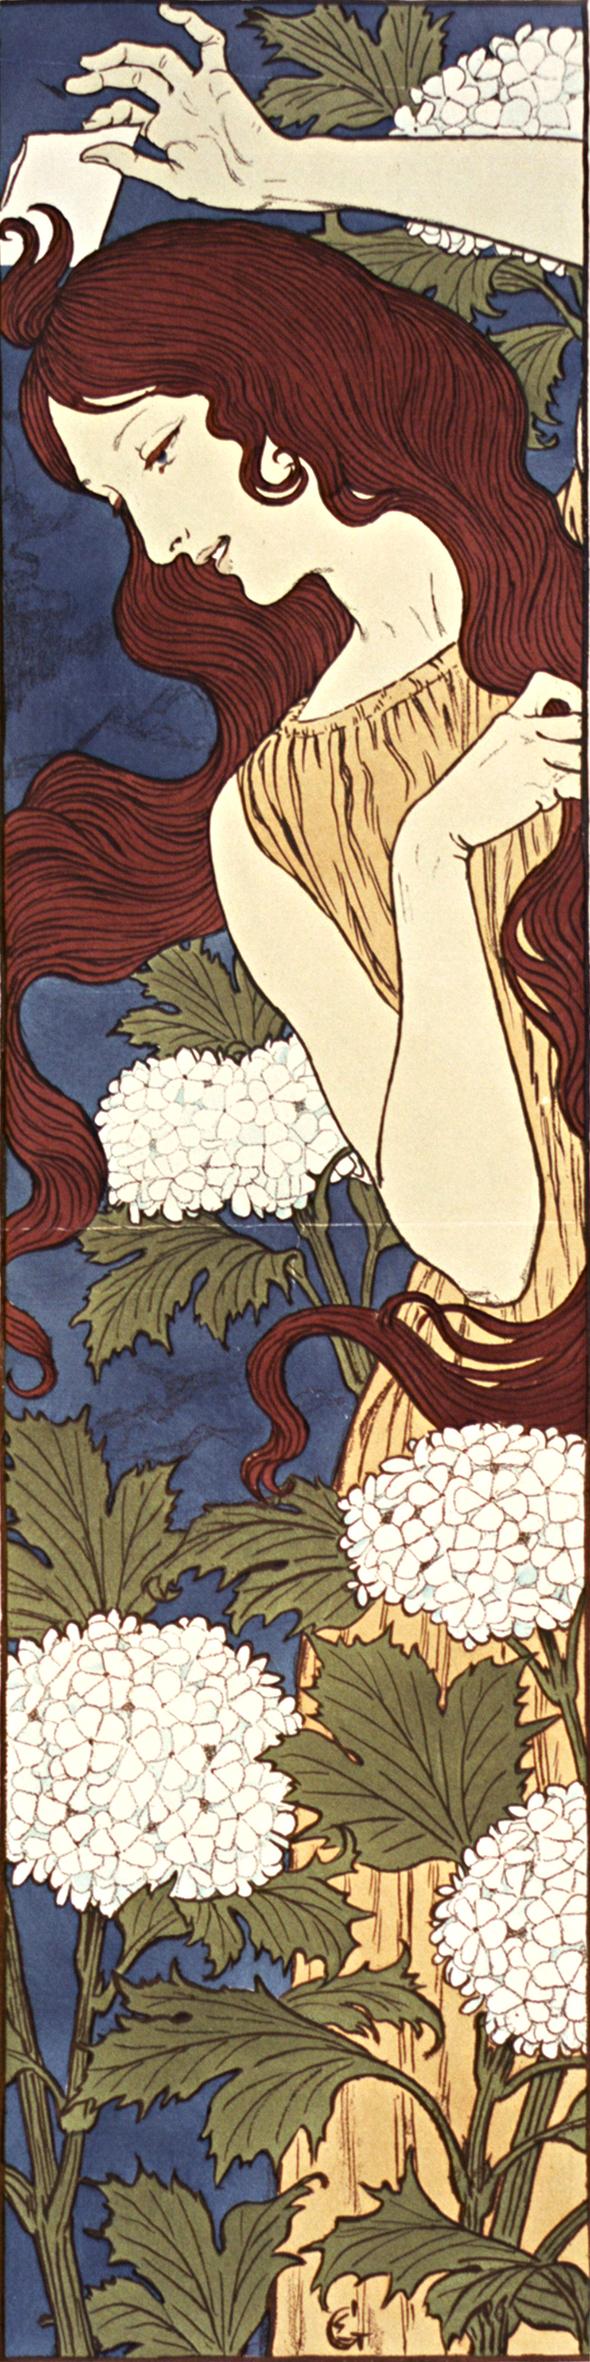 Bonne nouvelle de grasset - Gallica ,lithographie, coul. ; 127,5 x 41 cm